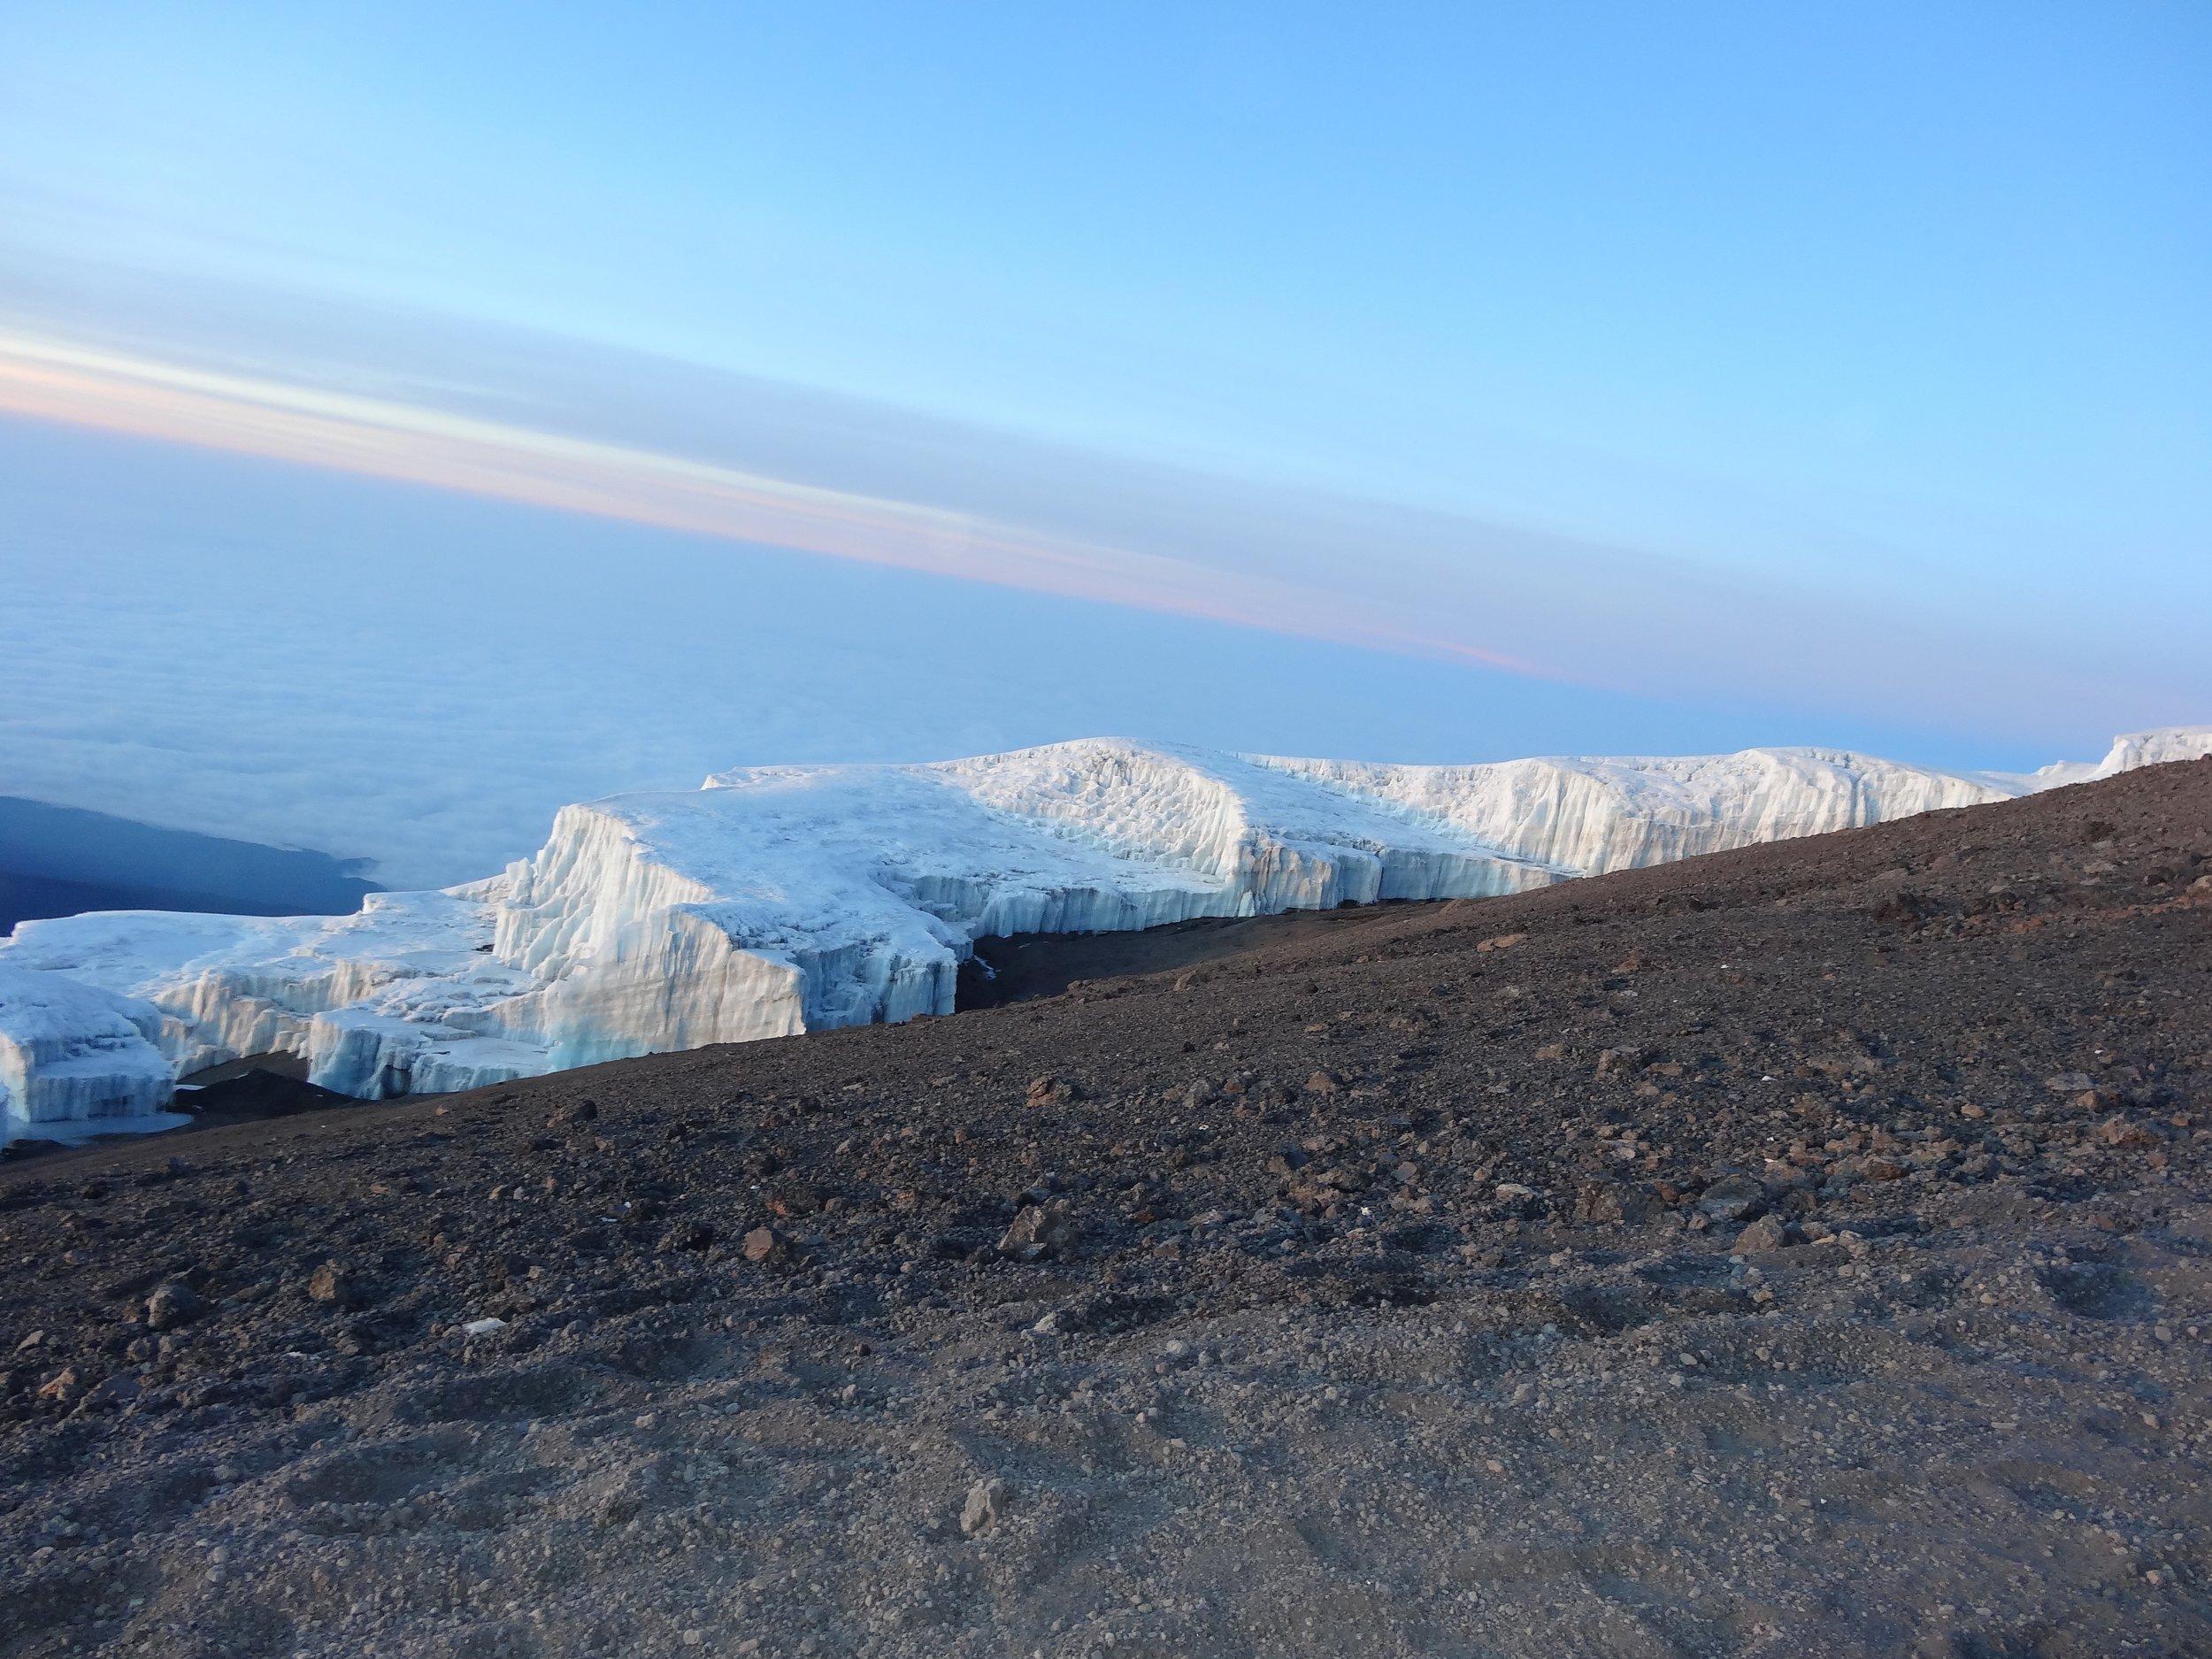 Ice walls just below the summit.